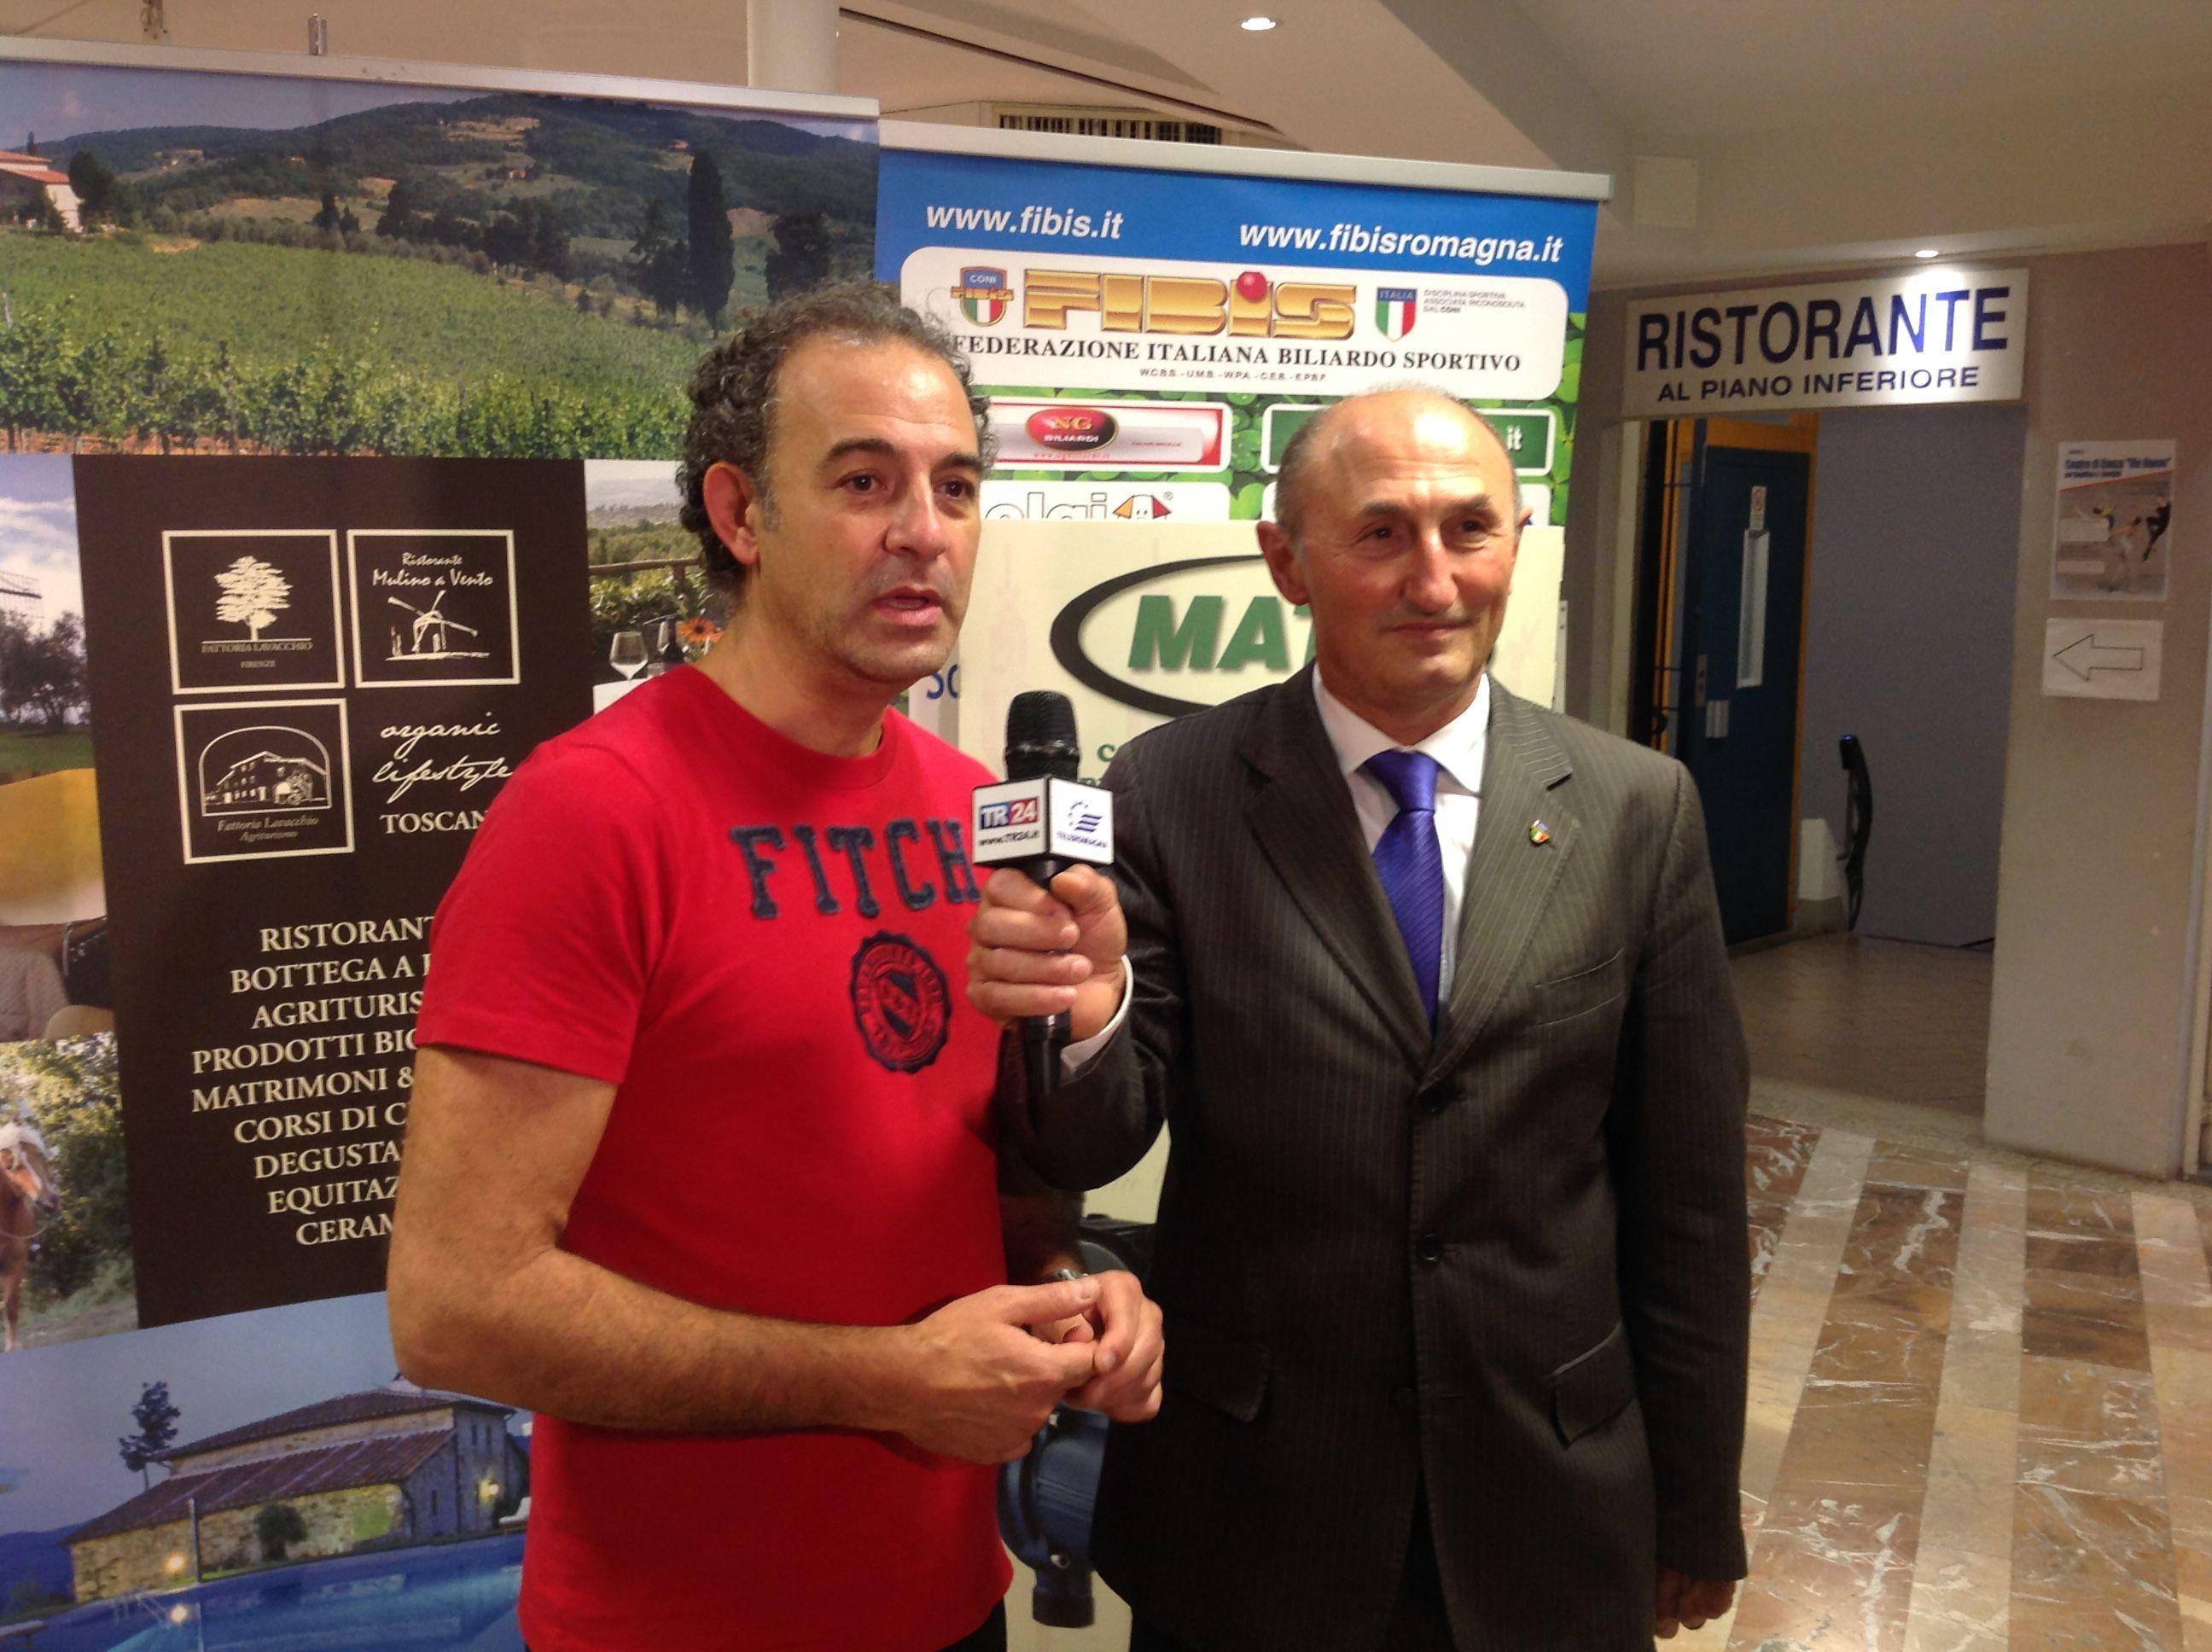 Giannoni Stefano titolare del CSB Biliardoteca Vie Nuove con il Consigliere Federale L. De Cesari